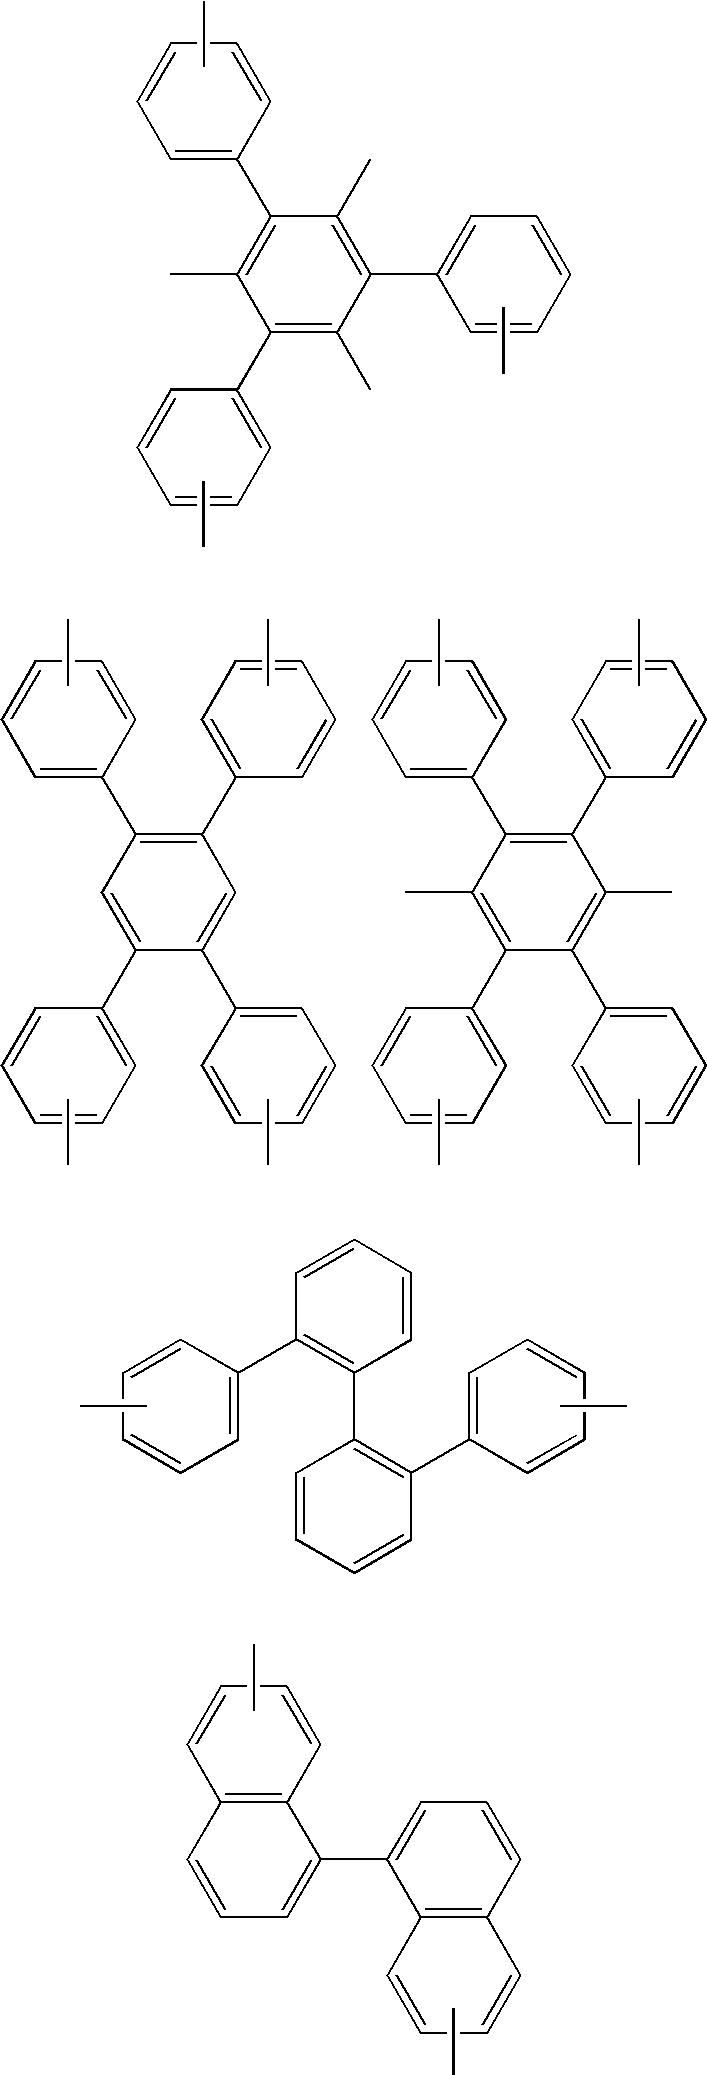 Figure US20090115316A1-20090507-C00037